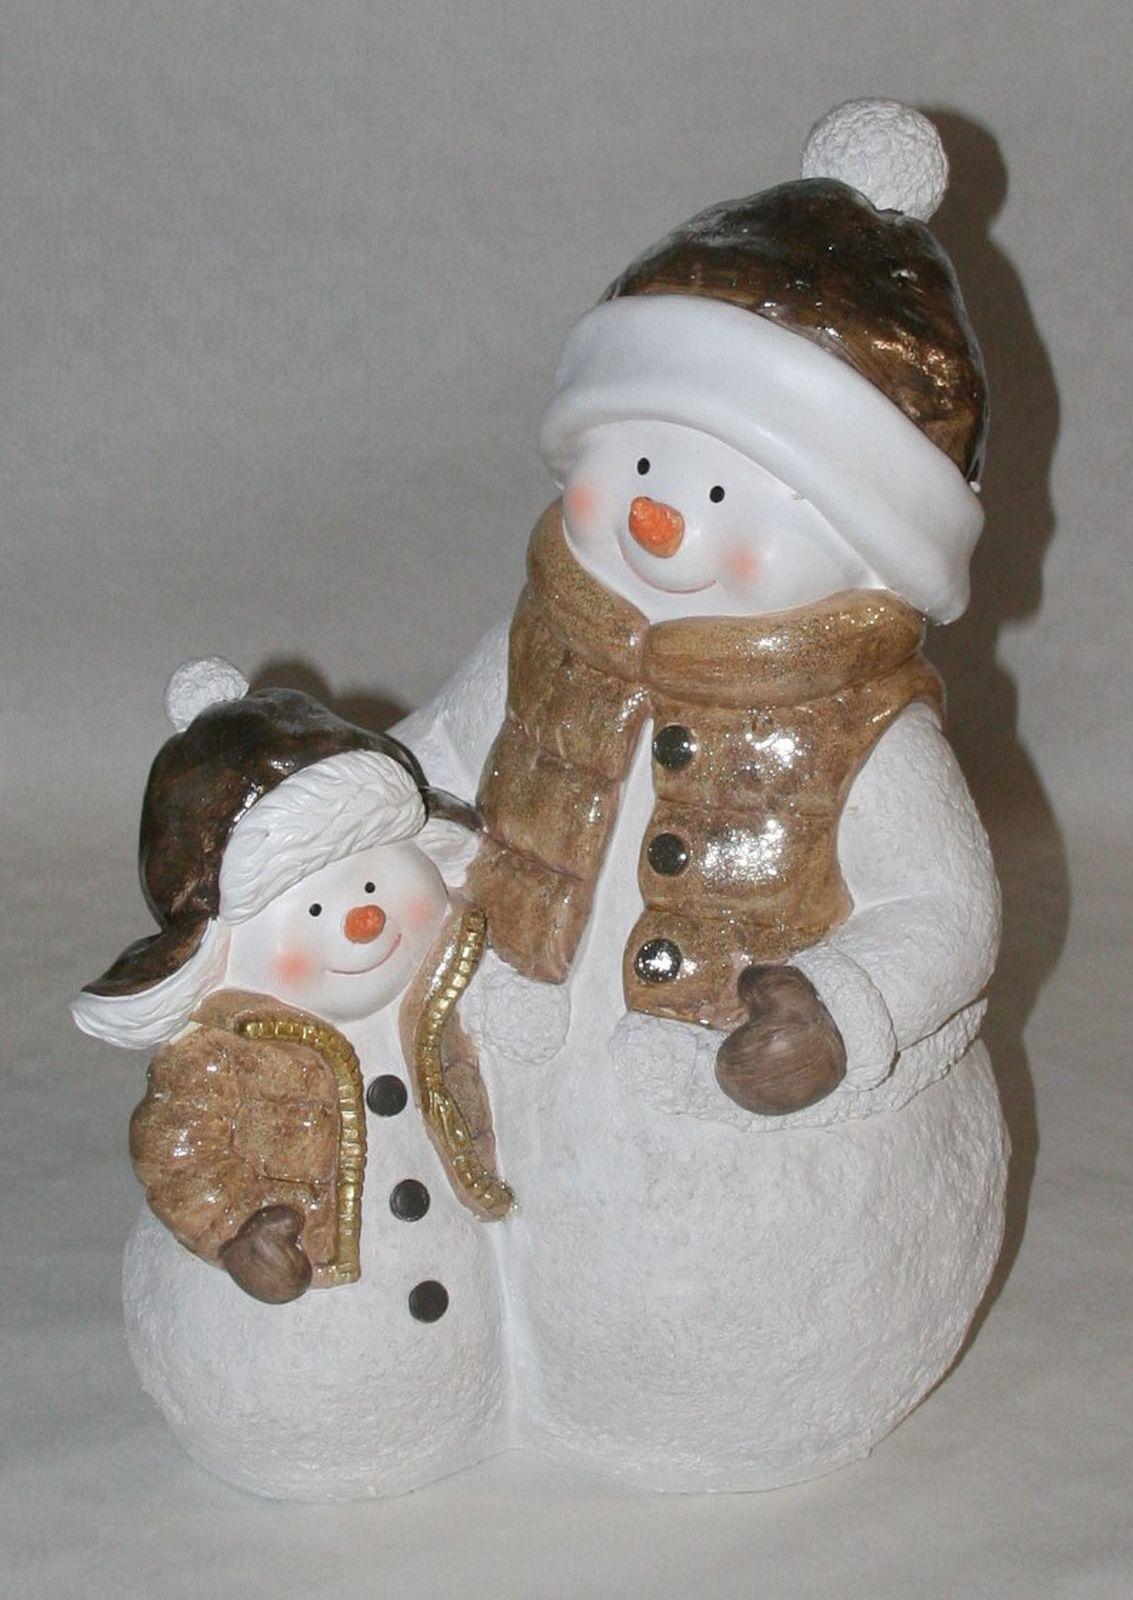 Dekation Schneemann 50 cm h Art 30,5 cm h i.e. Figur Weihnachten Deko